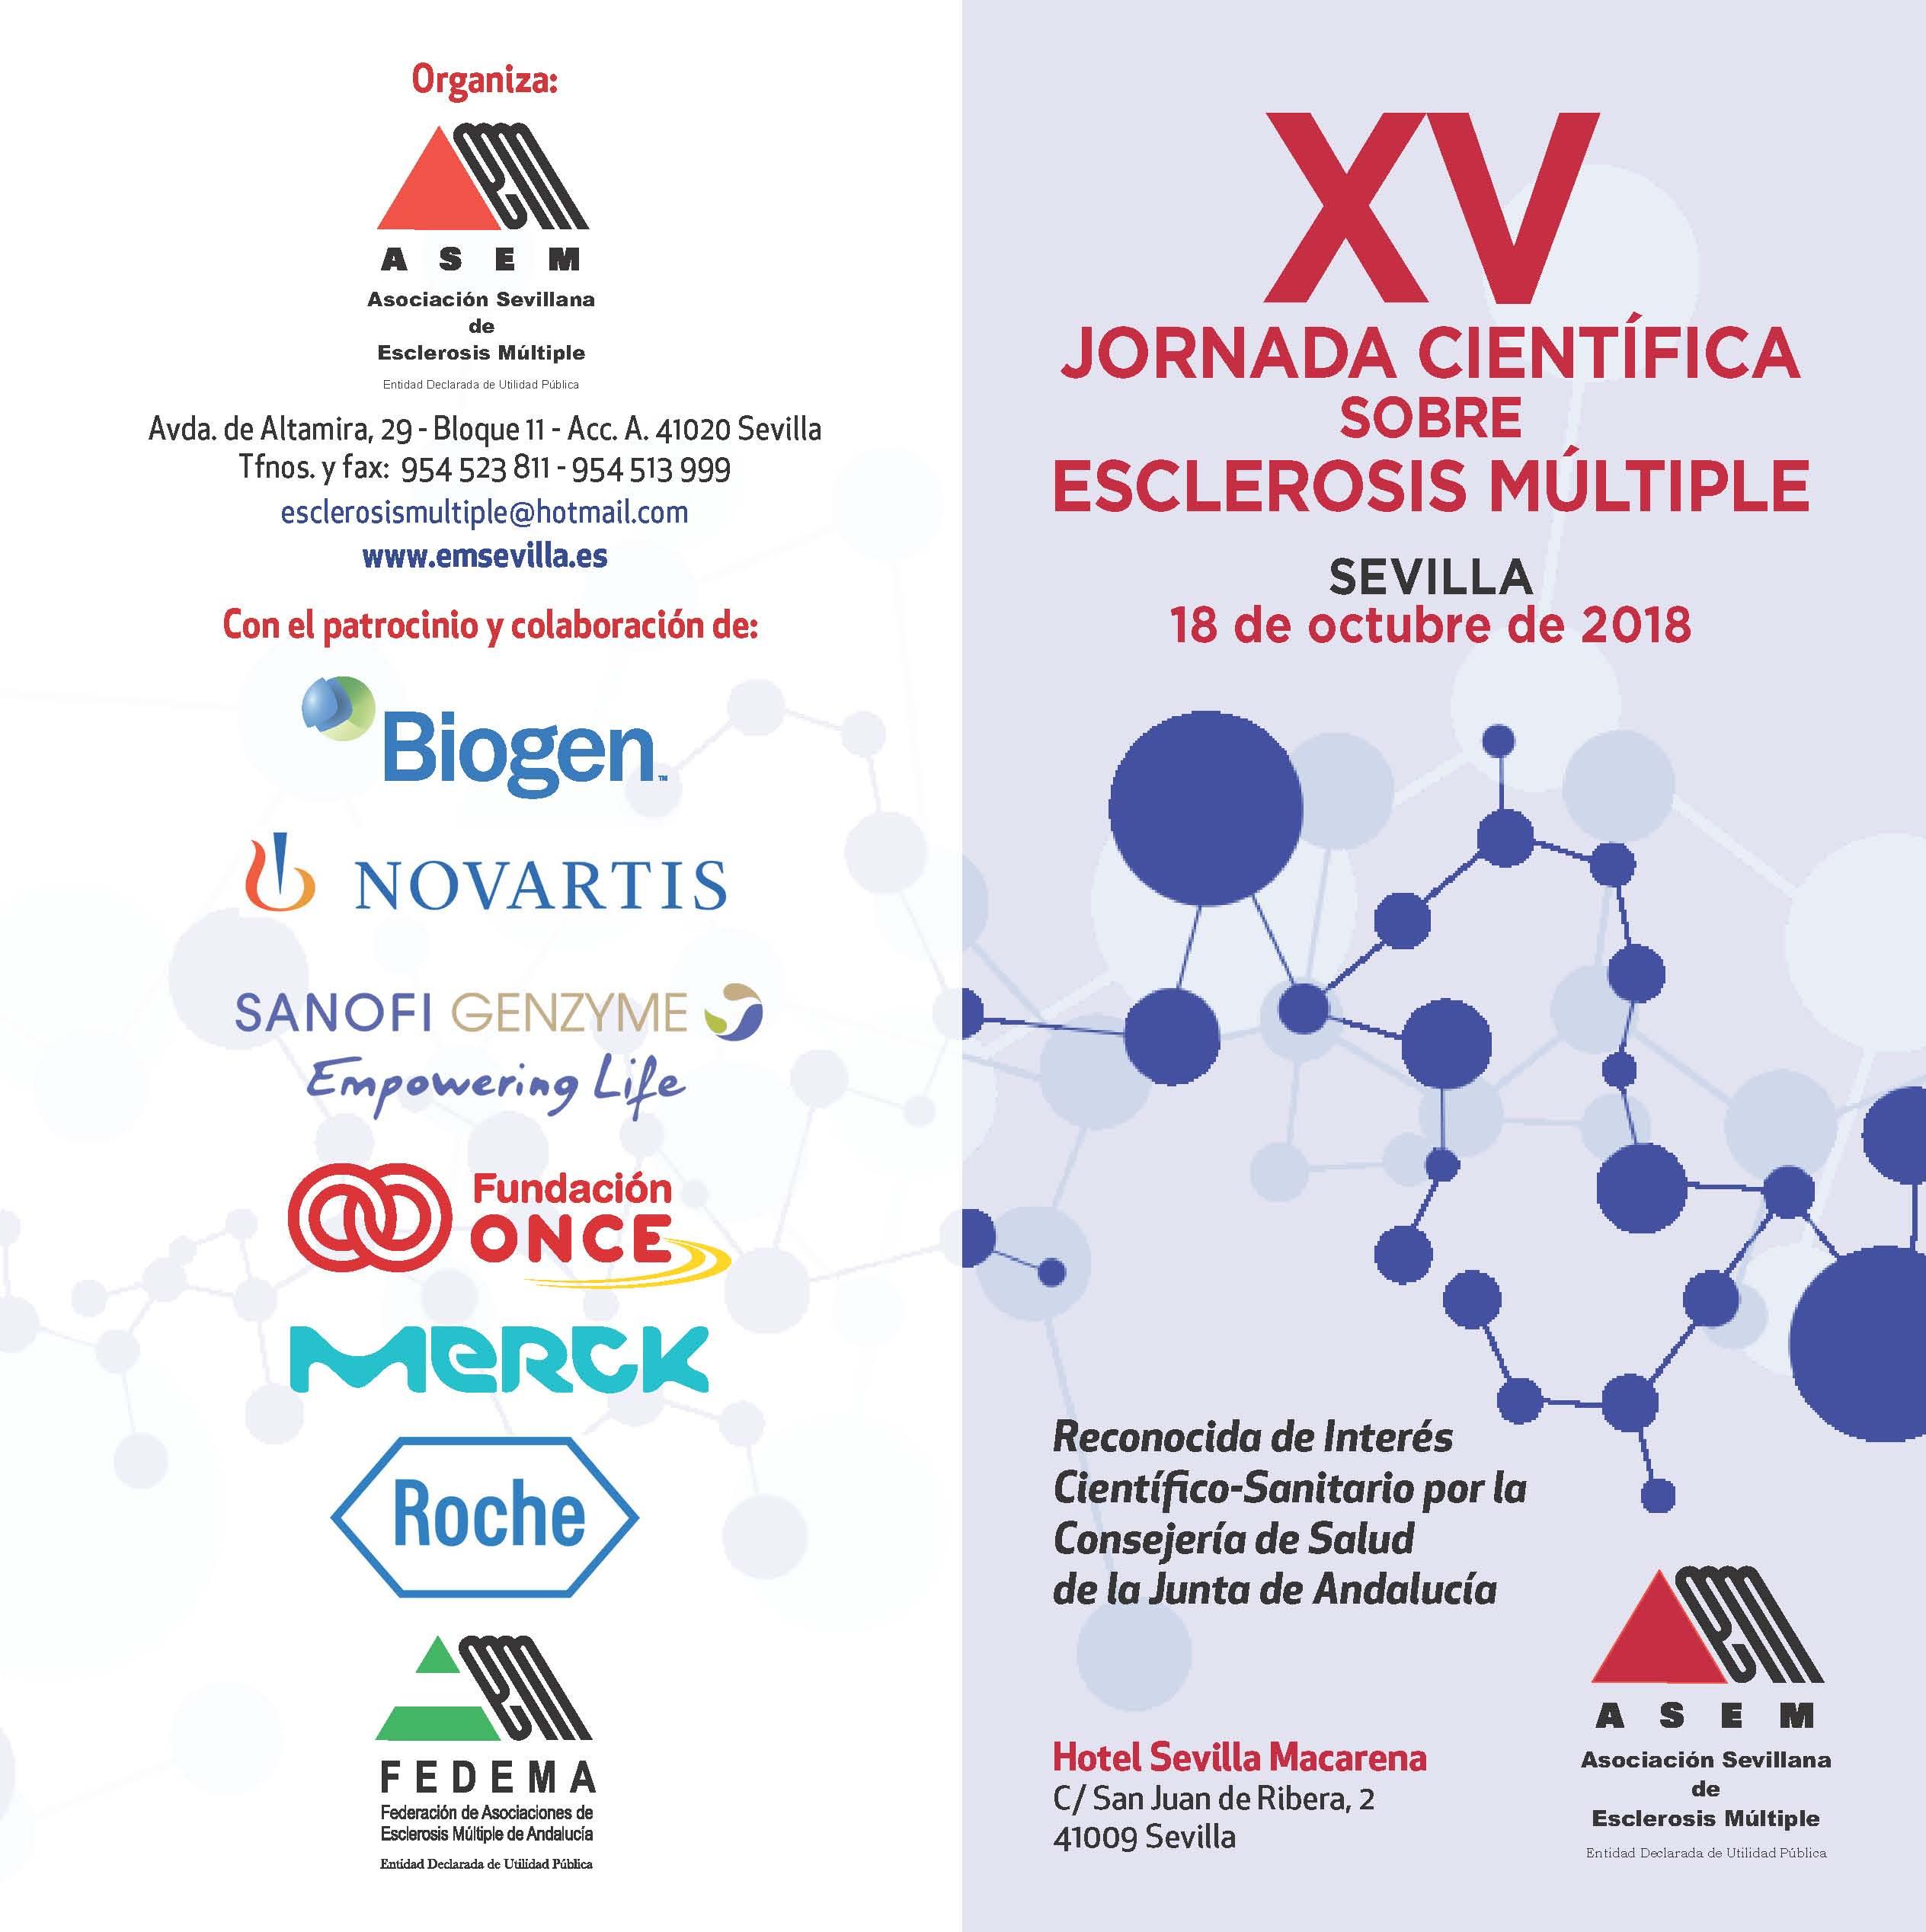 diptico xv jornadas 2018 214x214_pagina_1.jpg